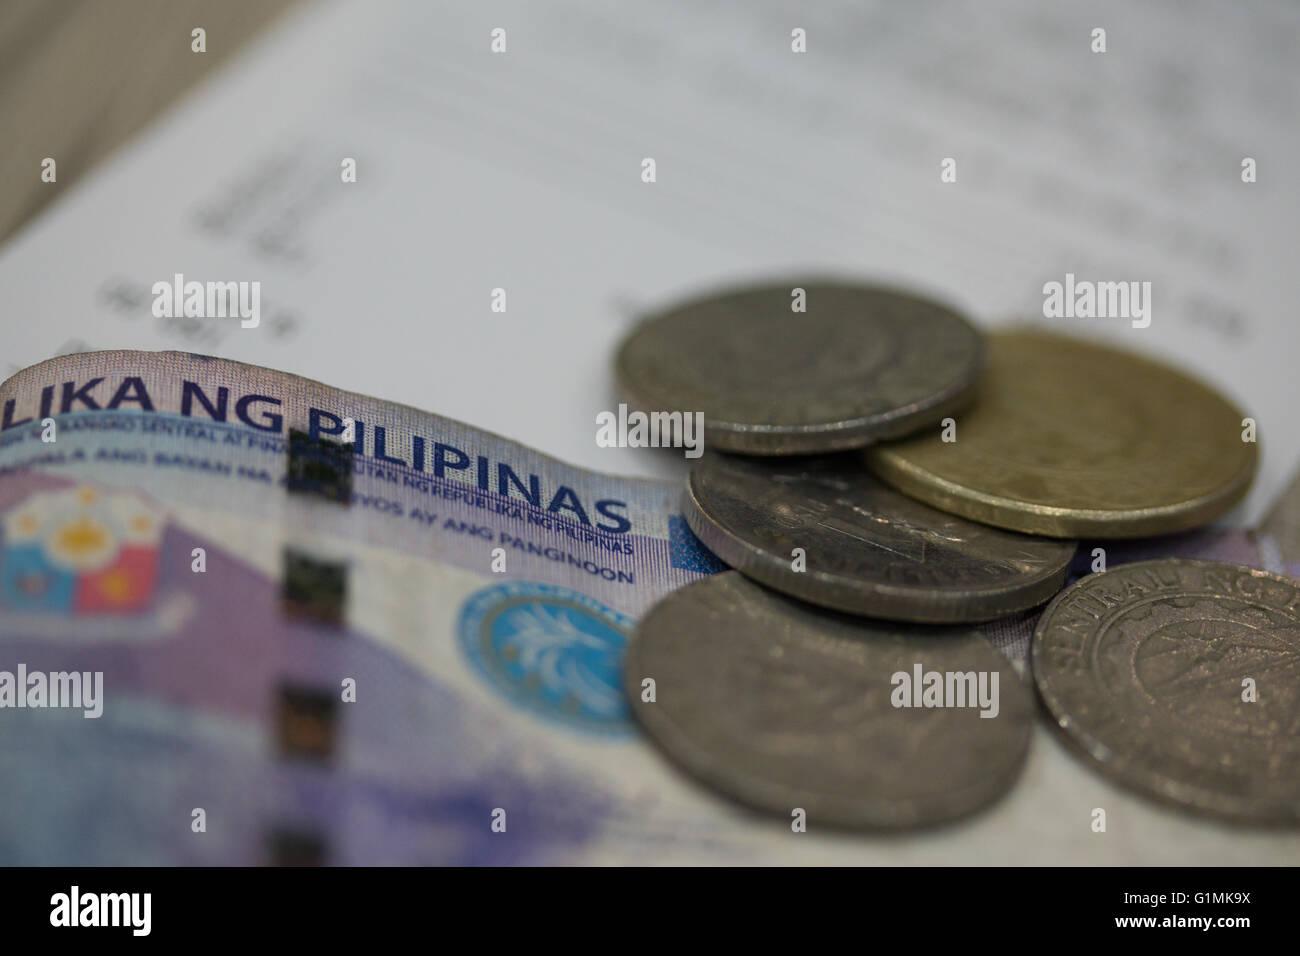 Filippina di banconote e di monete metalliche in circolazione di corrente. Immagini Stock